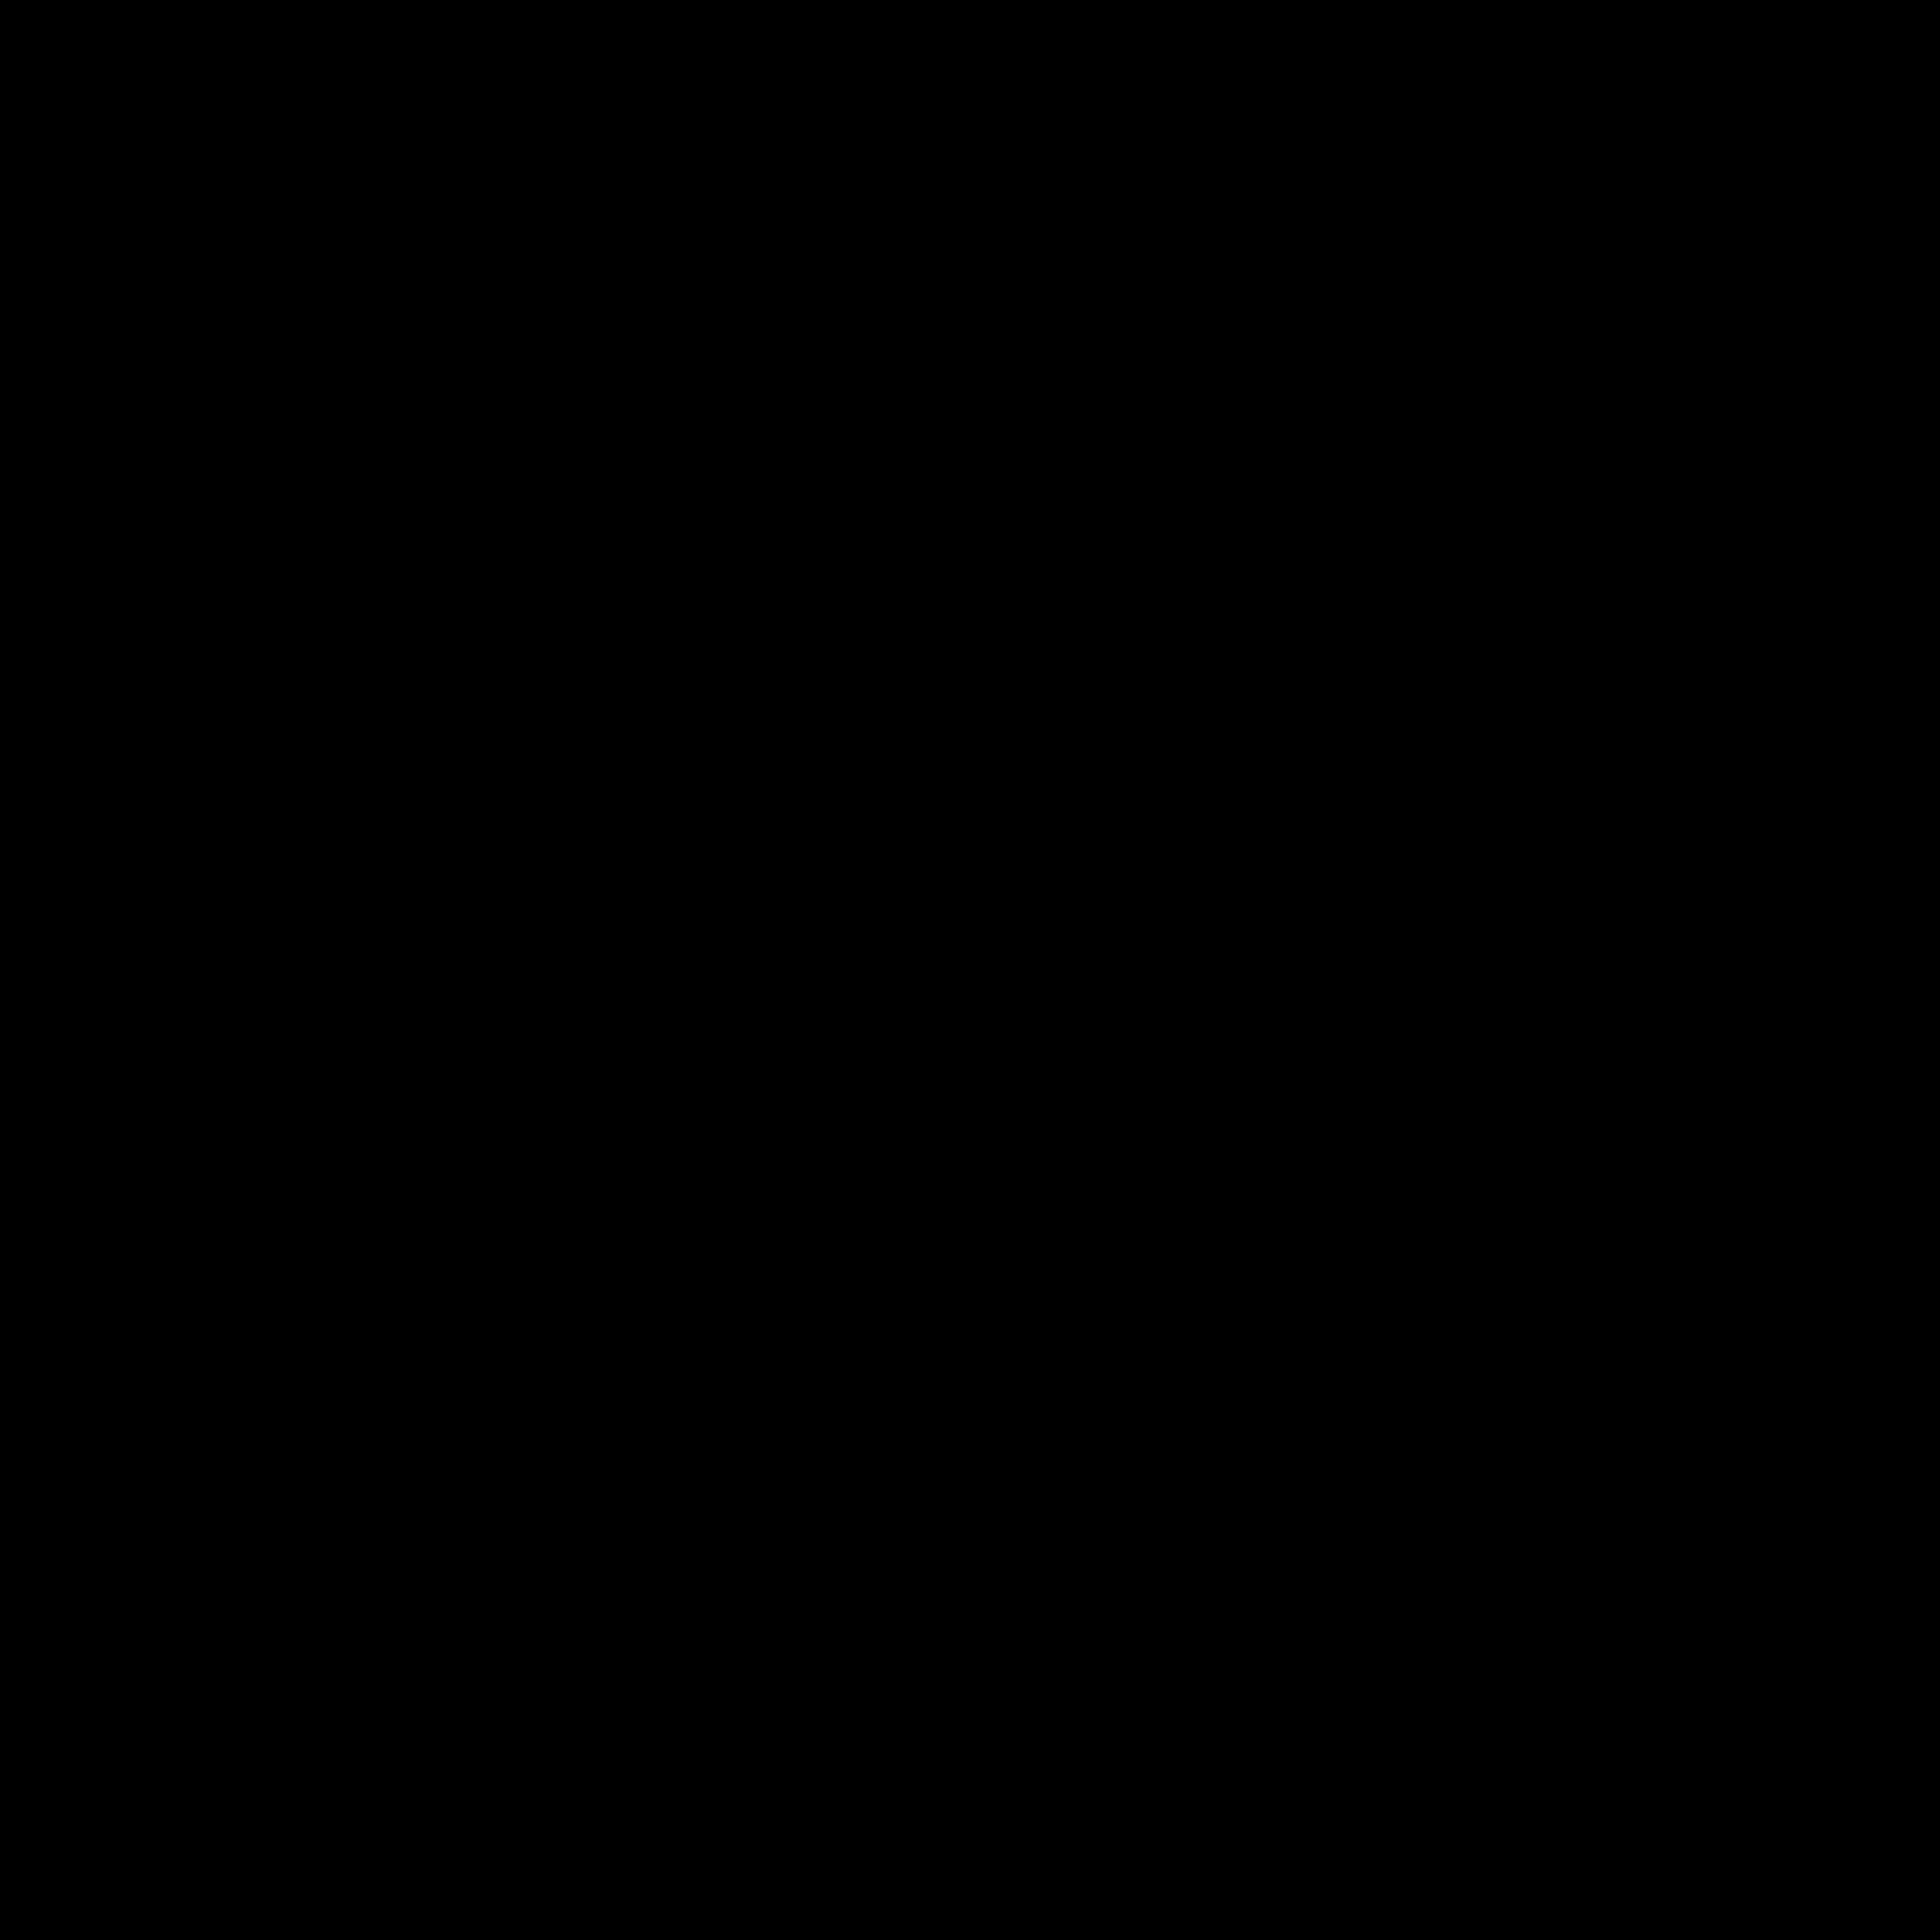 Unique Studios